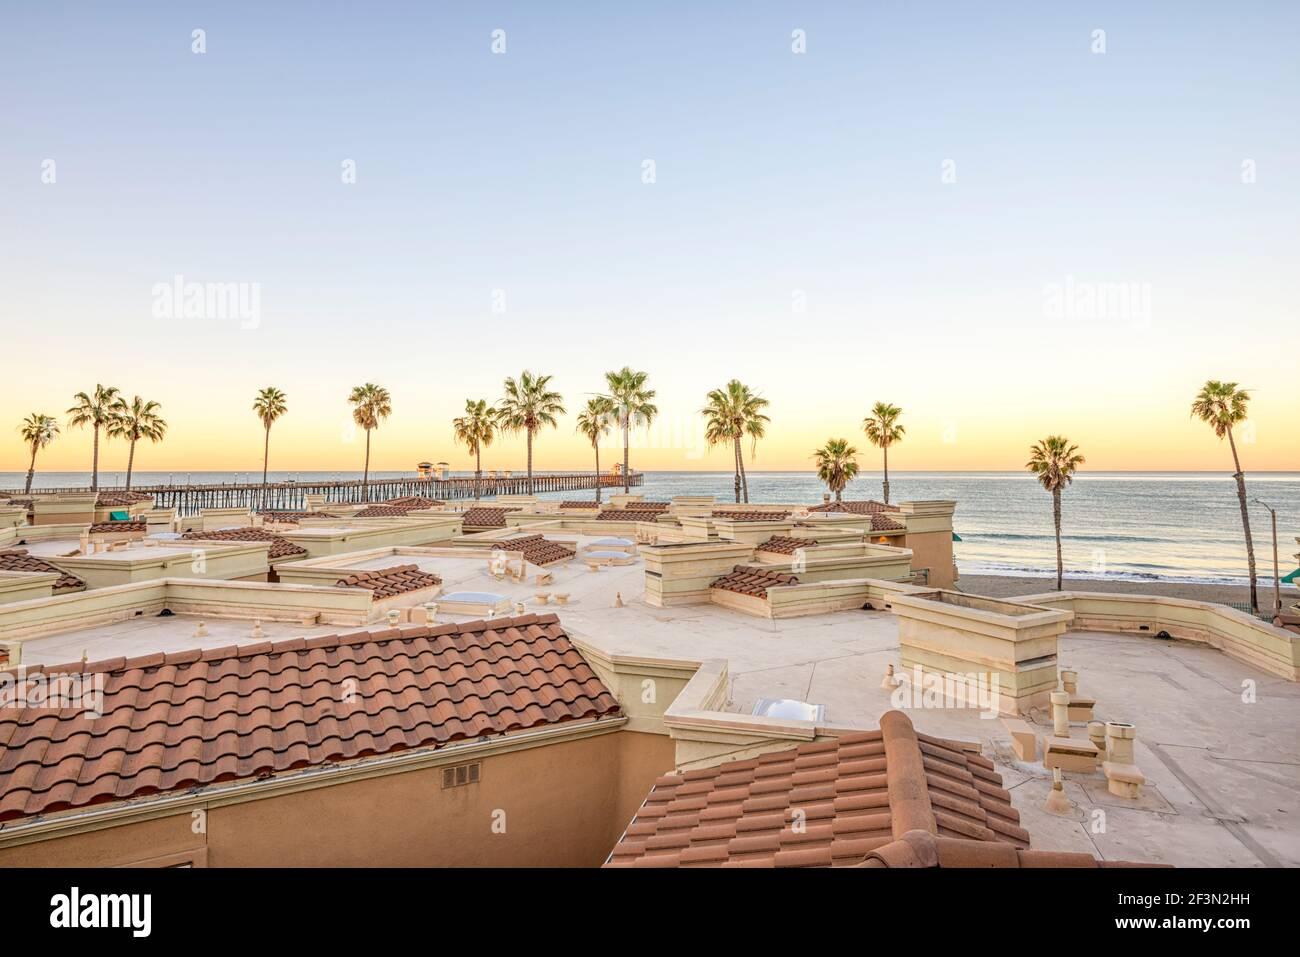 Vue sur la côte en hiver. Oceanside, Californie, États-Unis. Banque D'Images